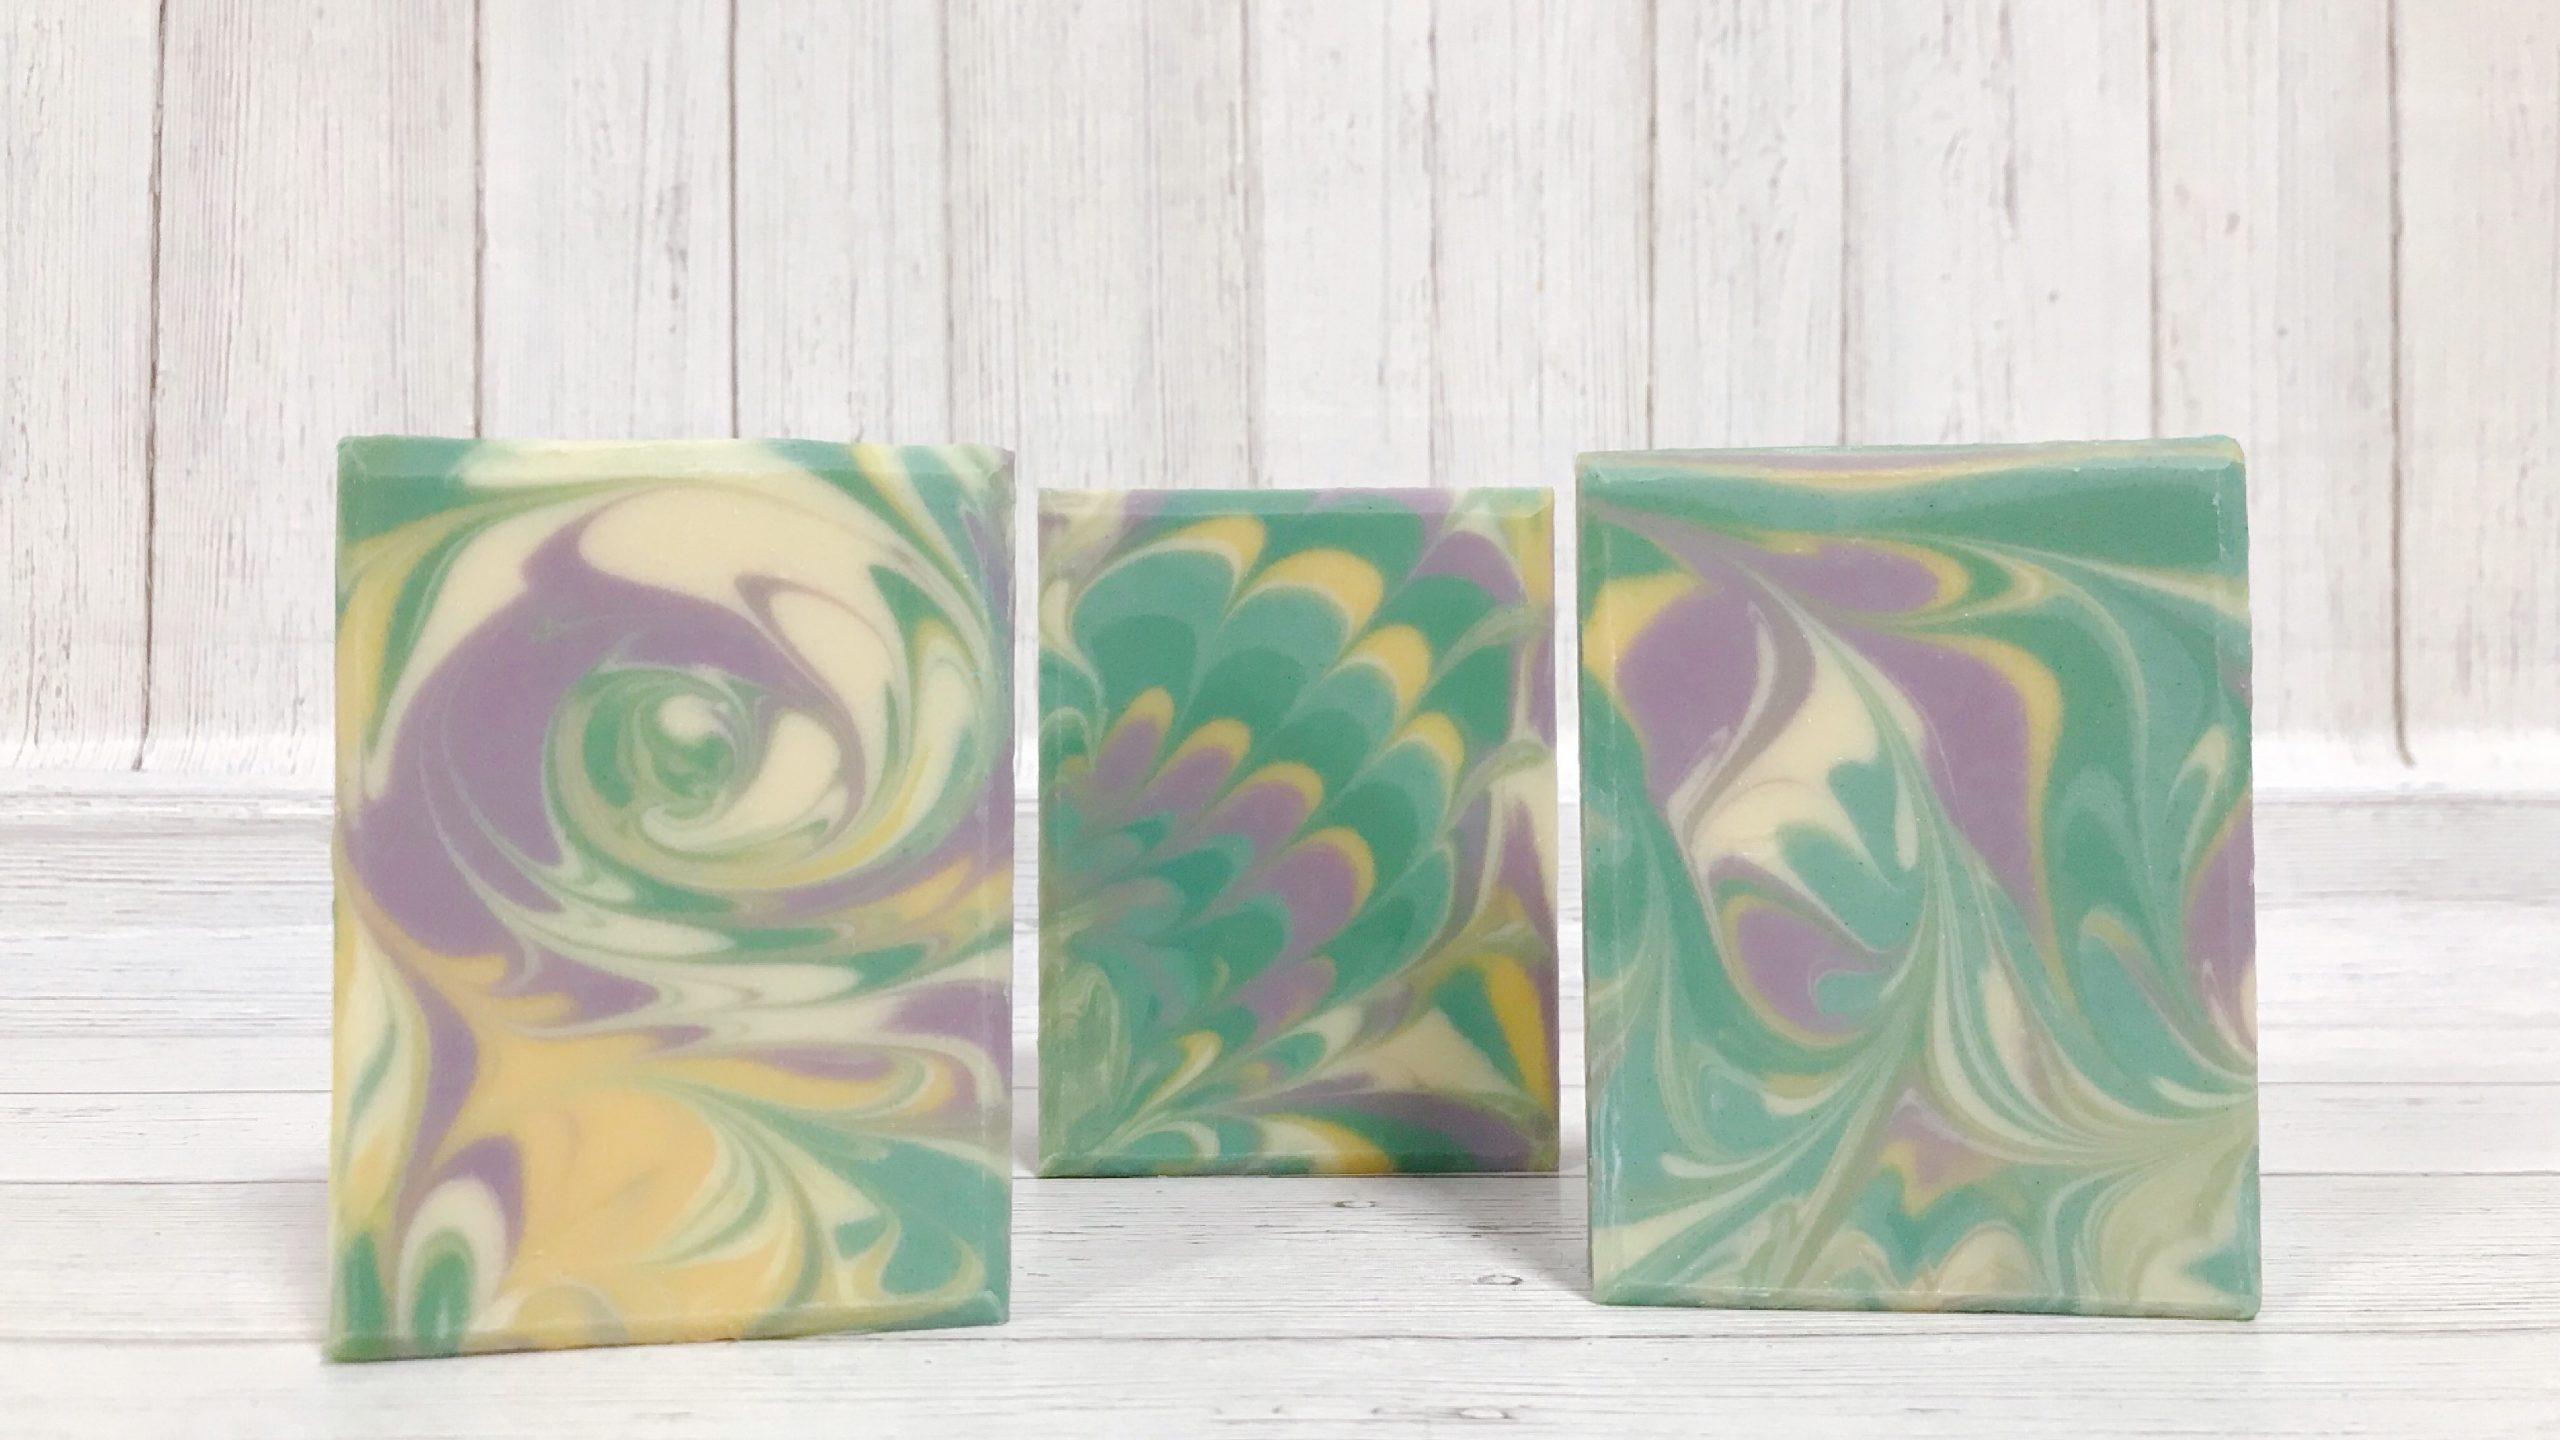 column pour technique soap